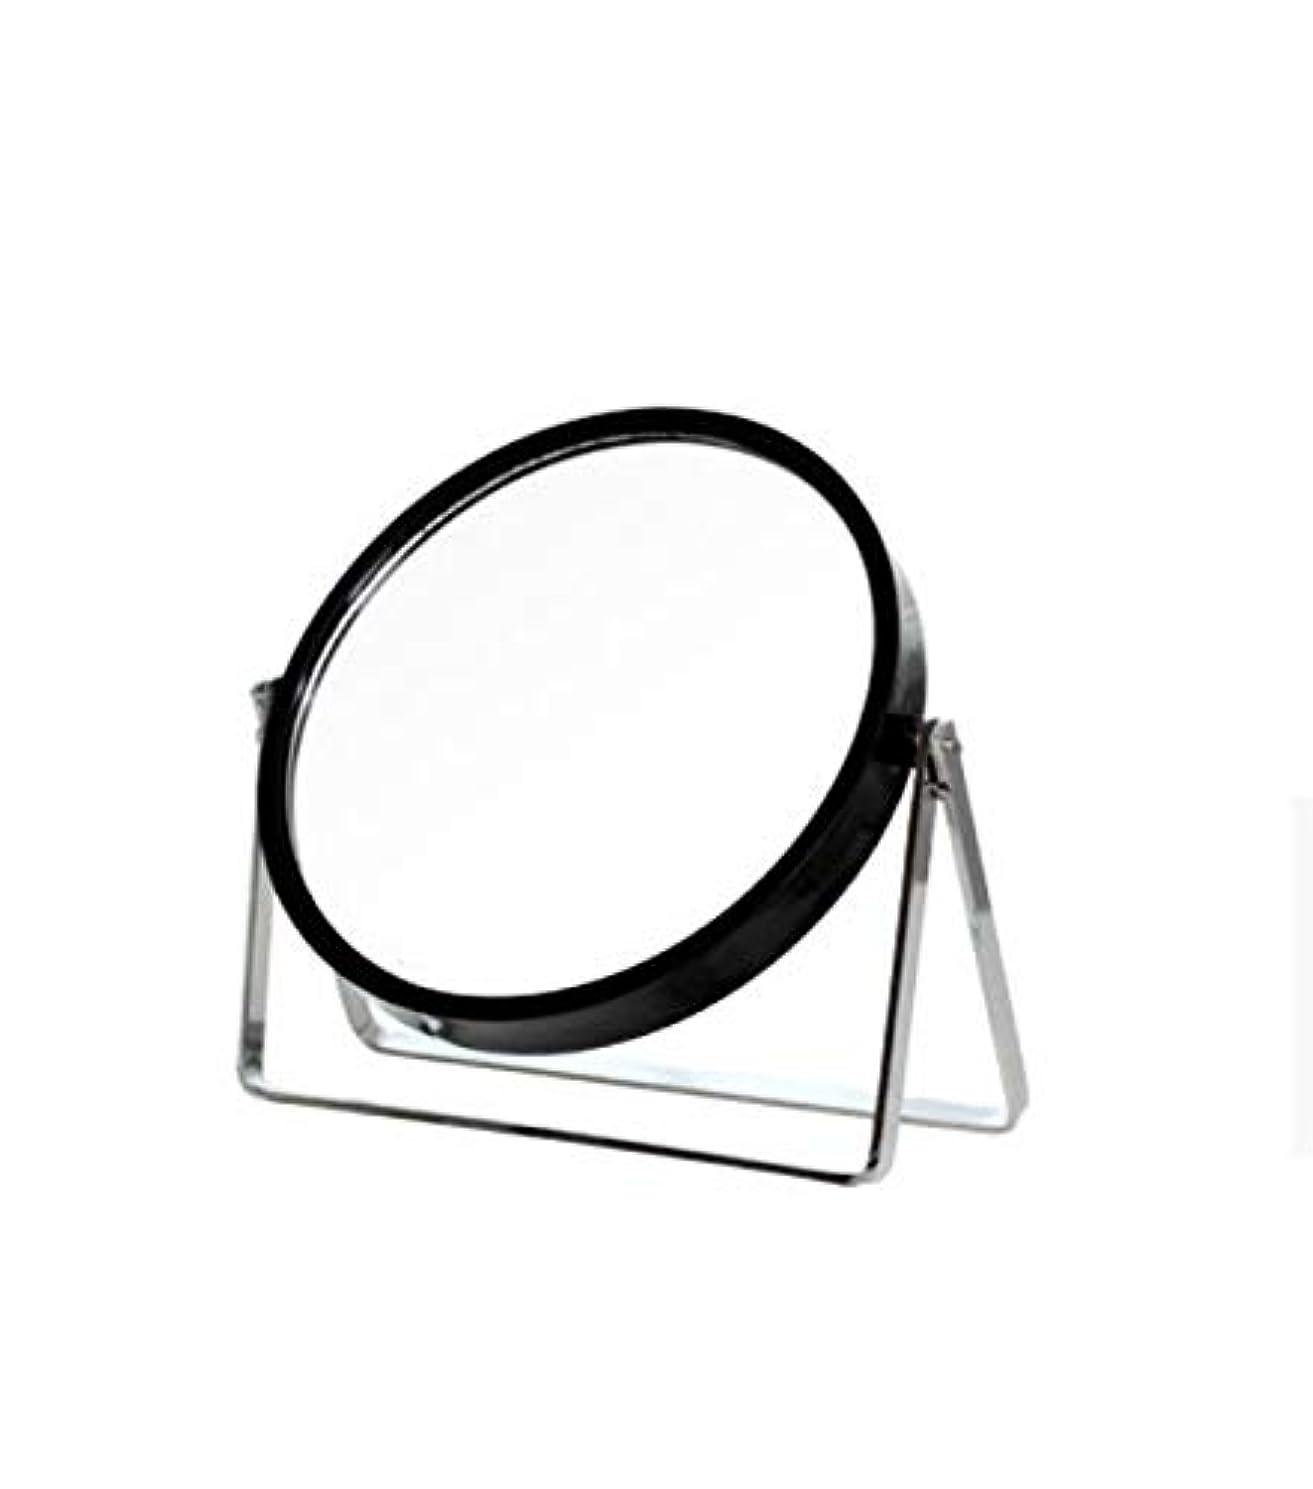 文庫本メロディー庭園化粧鏡、シンプルなラウンドホーム寮デスクトップ化粧鏡化粧ギフト (Color : ブラック)